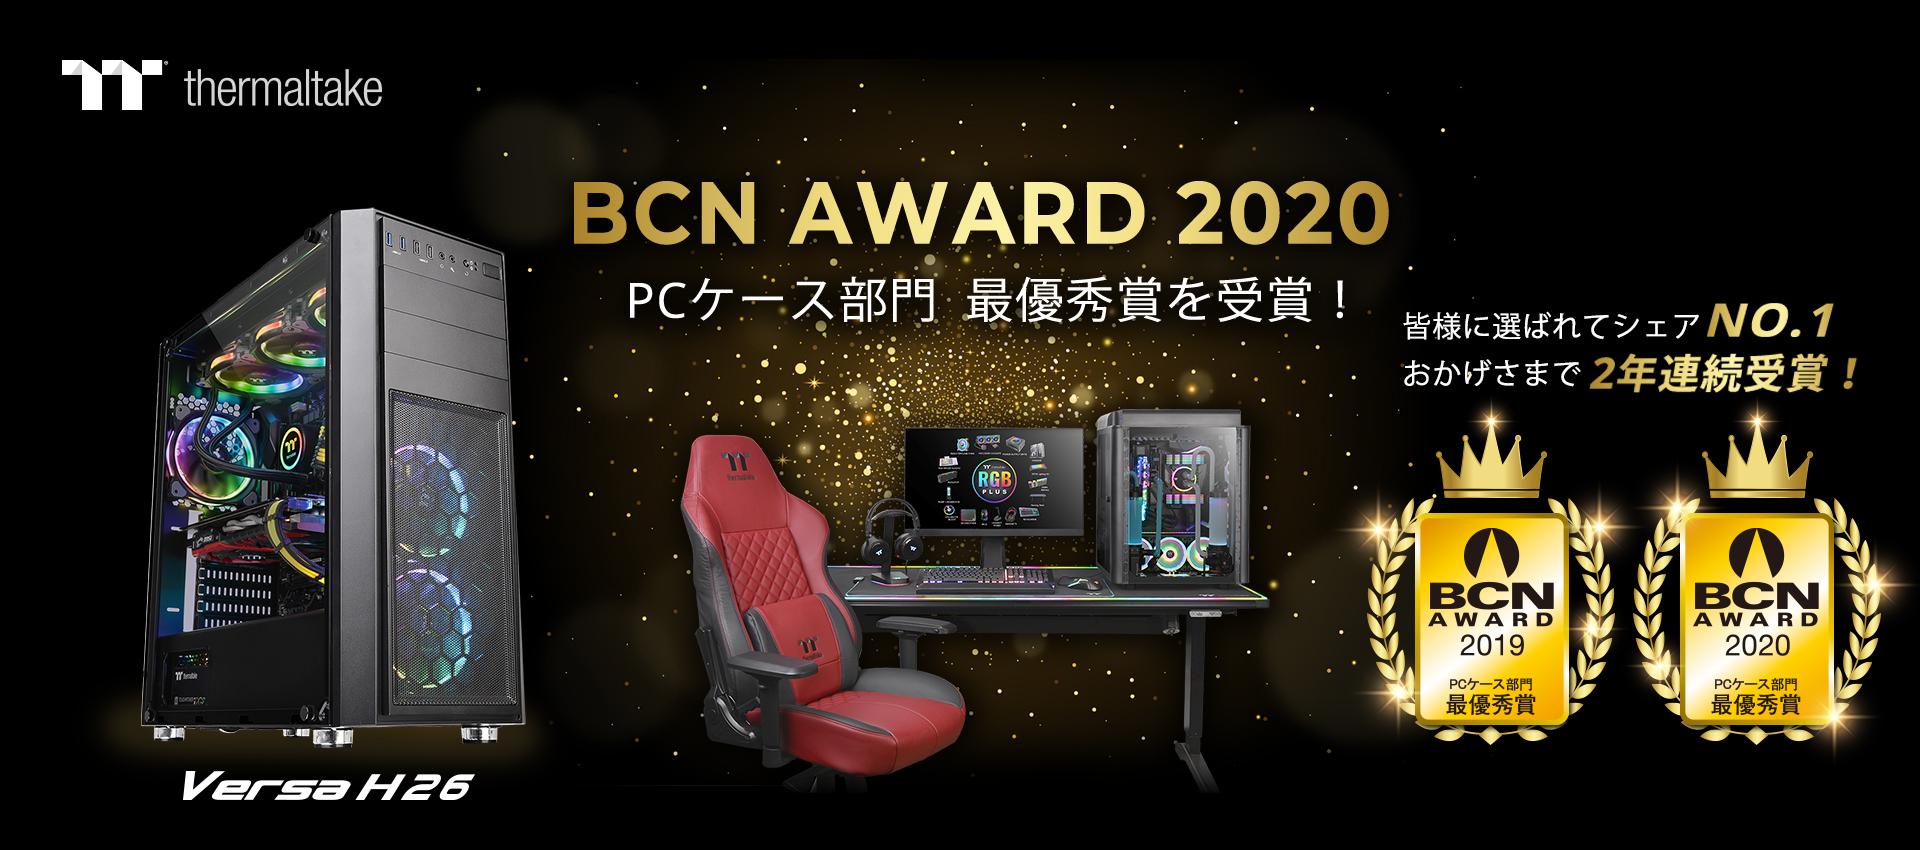 BCN AWARD 2020